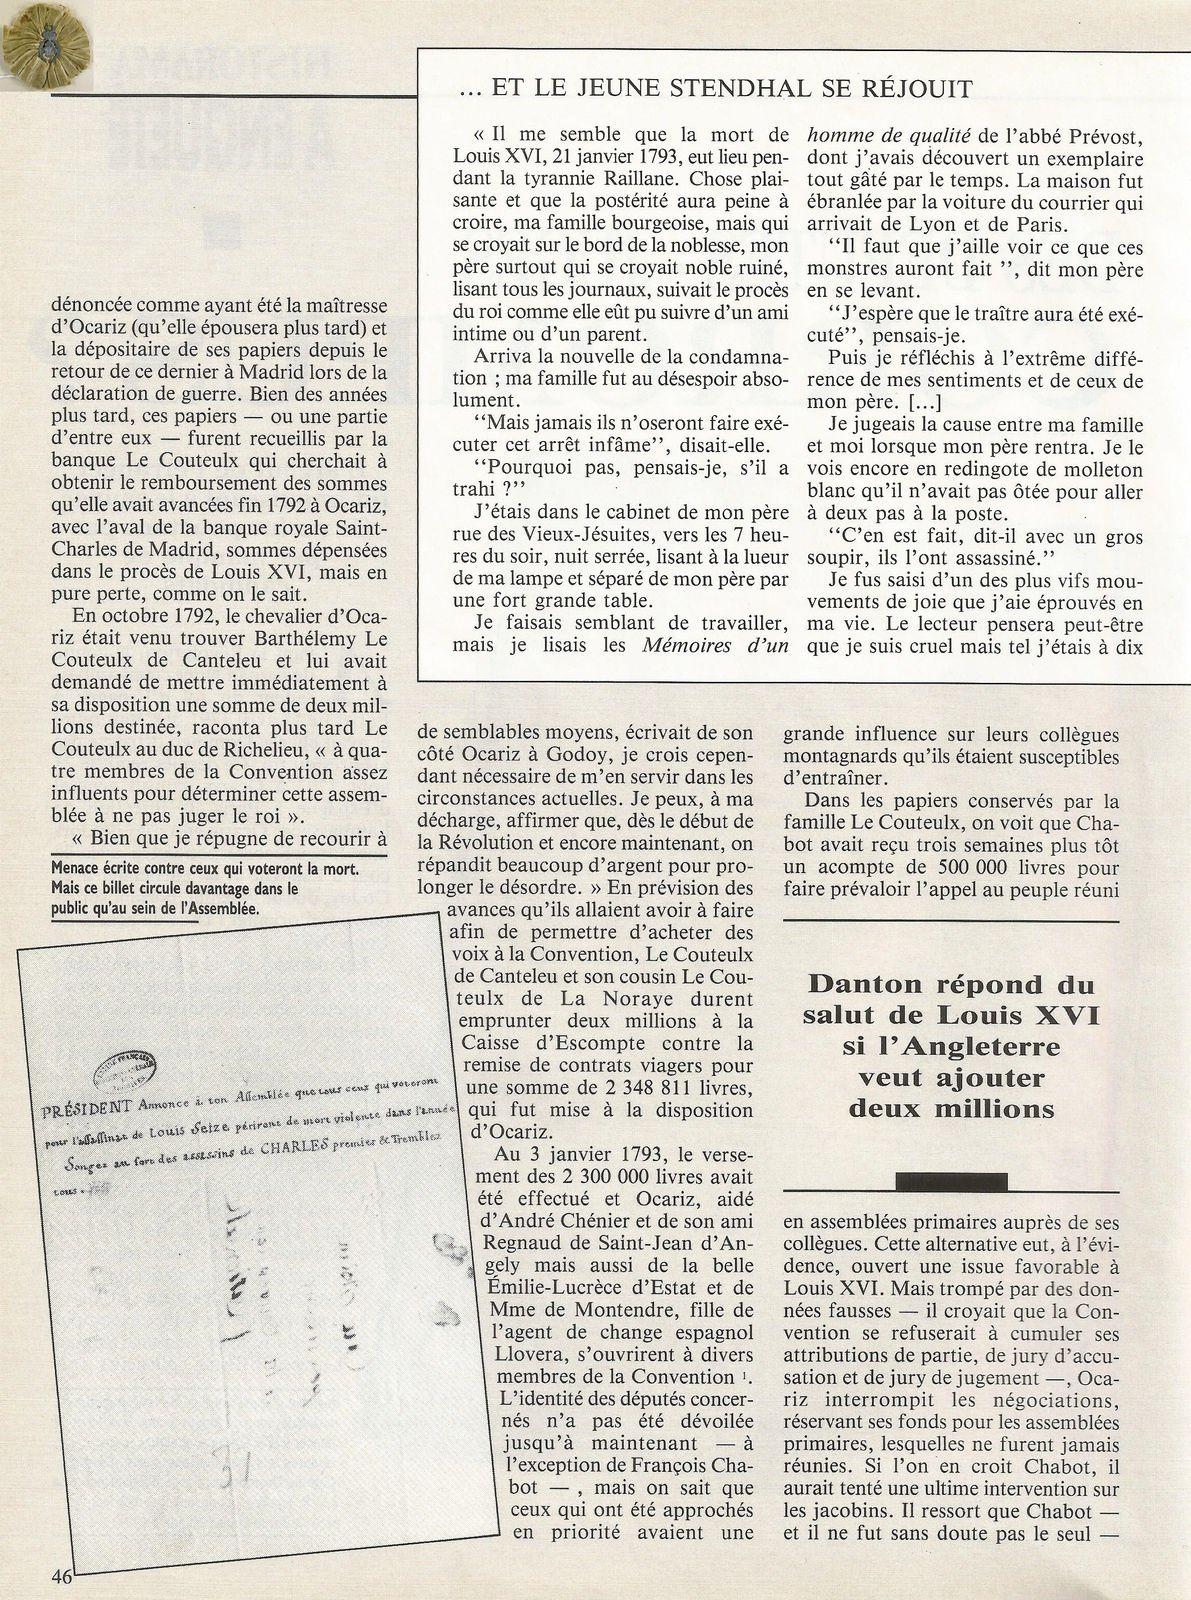 HISTORAMA NUMÉRO 107 - JANVIER 1993